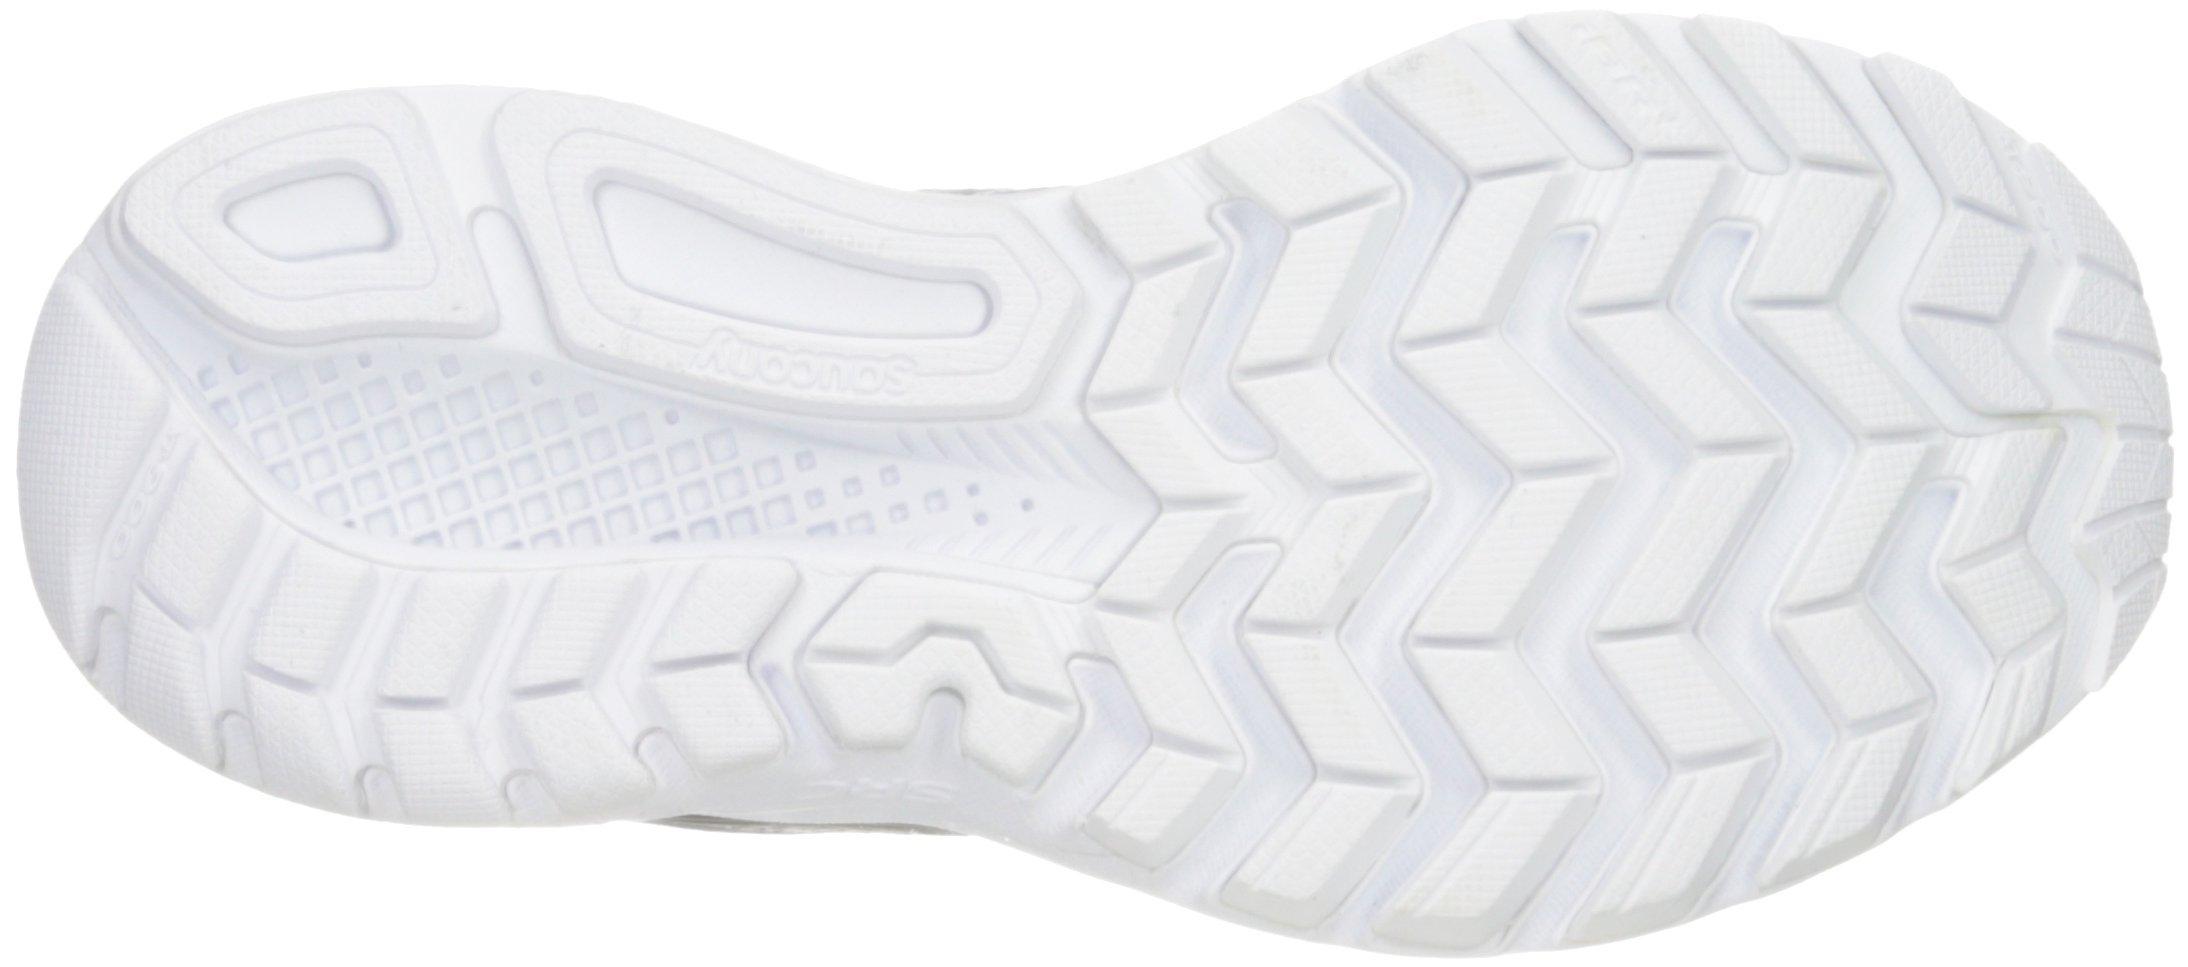 61KudIKZYML - Saucony Women's Ride 9 Lr Running Shoe, Grey/Black, 5 M US